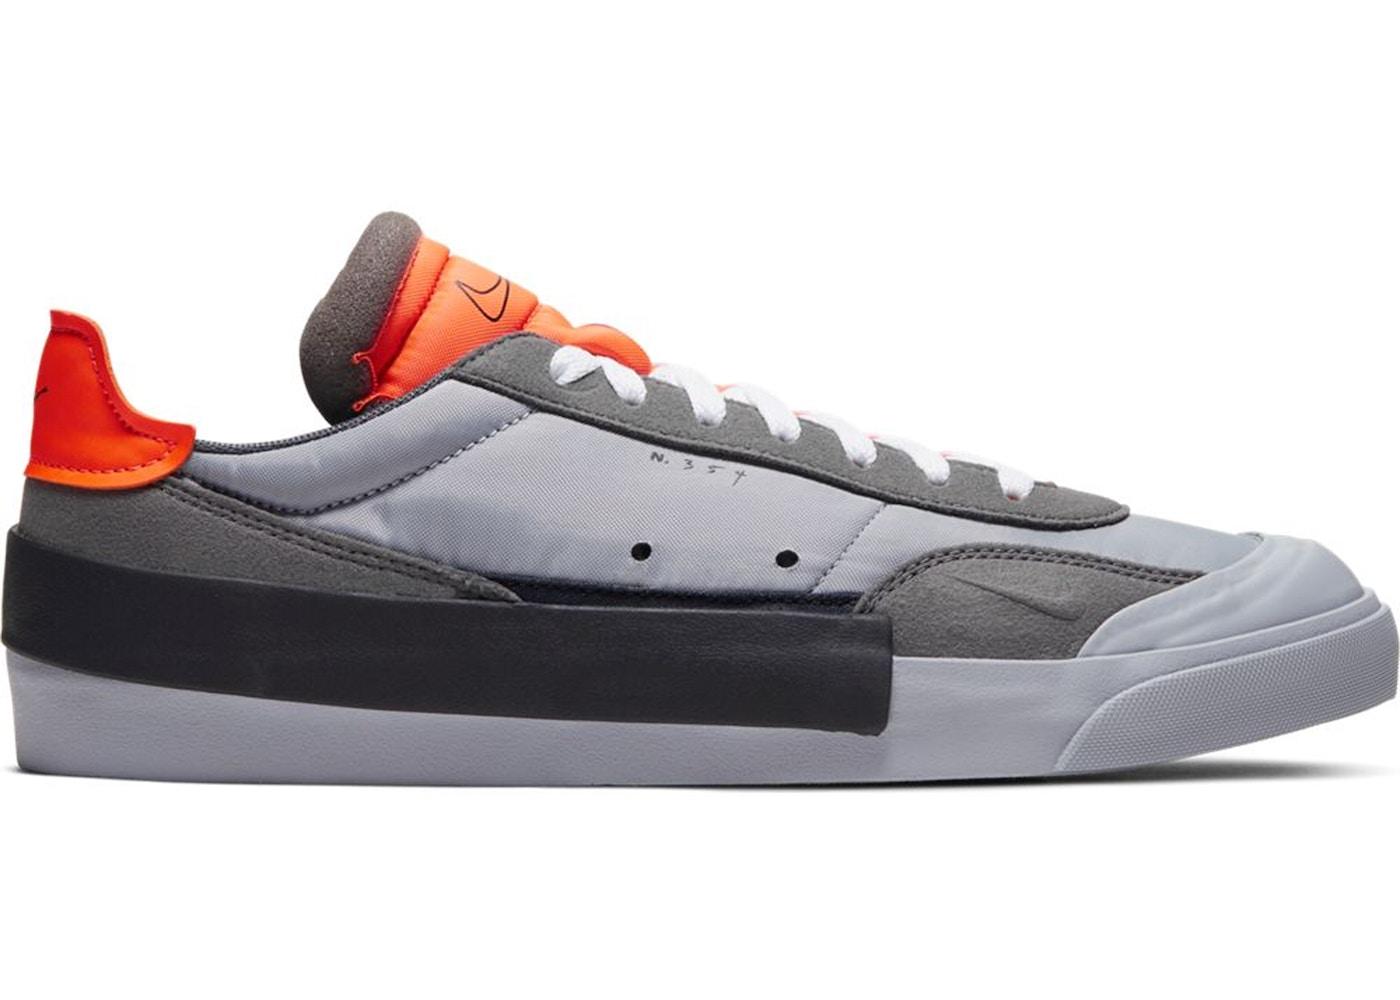 Nike Drop Type Lx Wolf Grey Total Orange